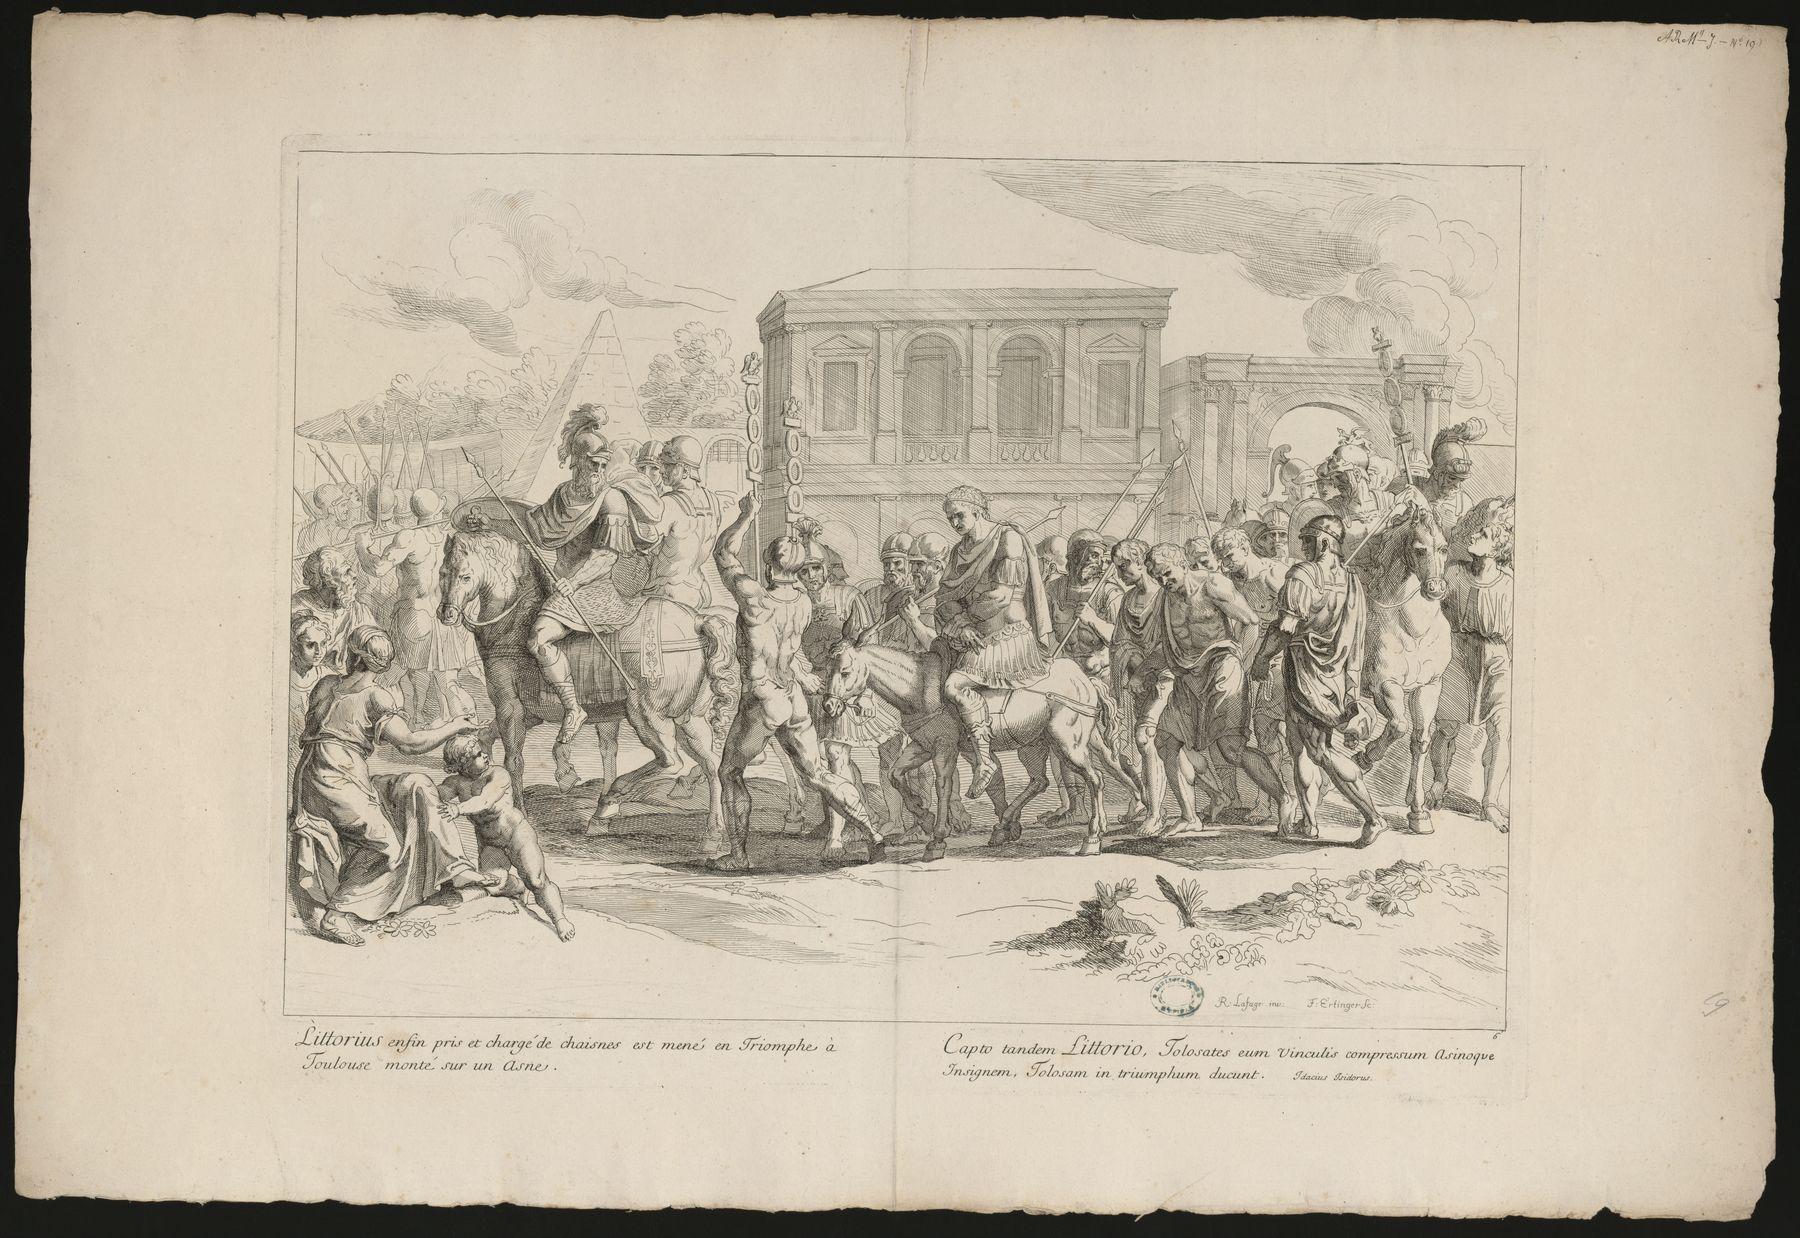 Contenu du Littorius enfin pris et chargé de chaisnes est mené en Triomphe à Toulouse…